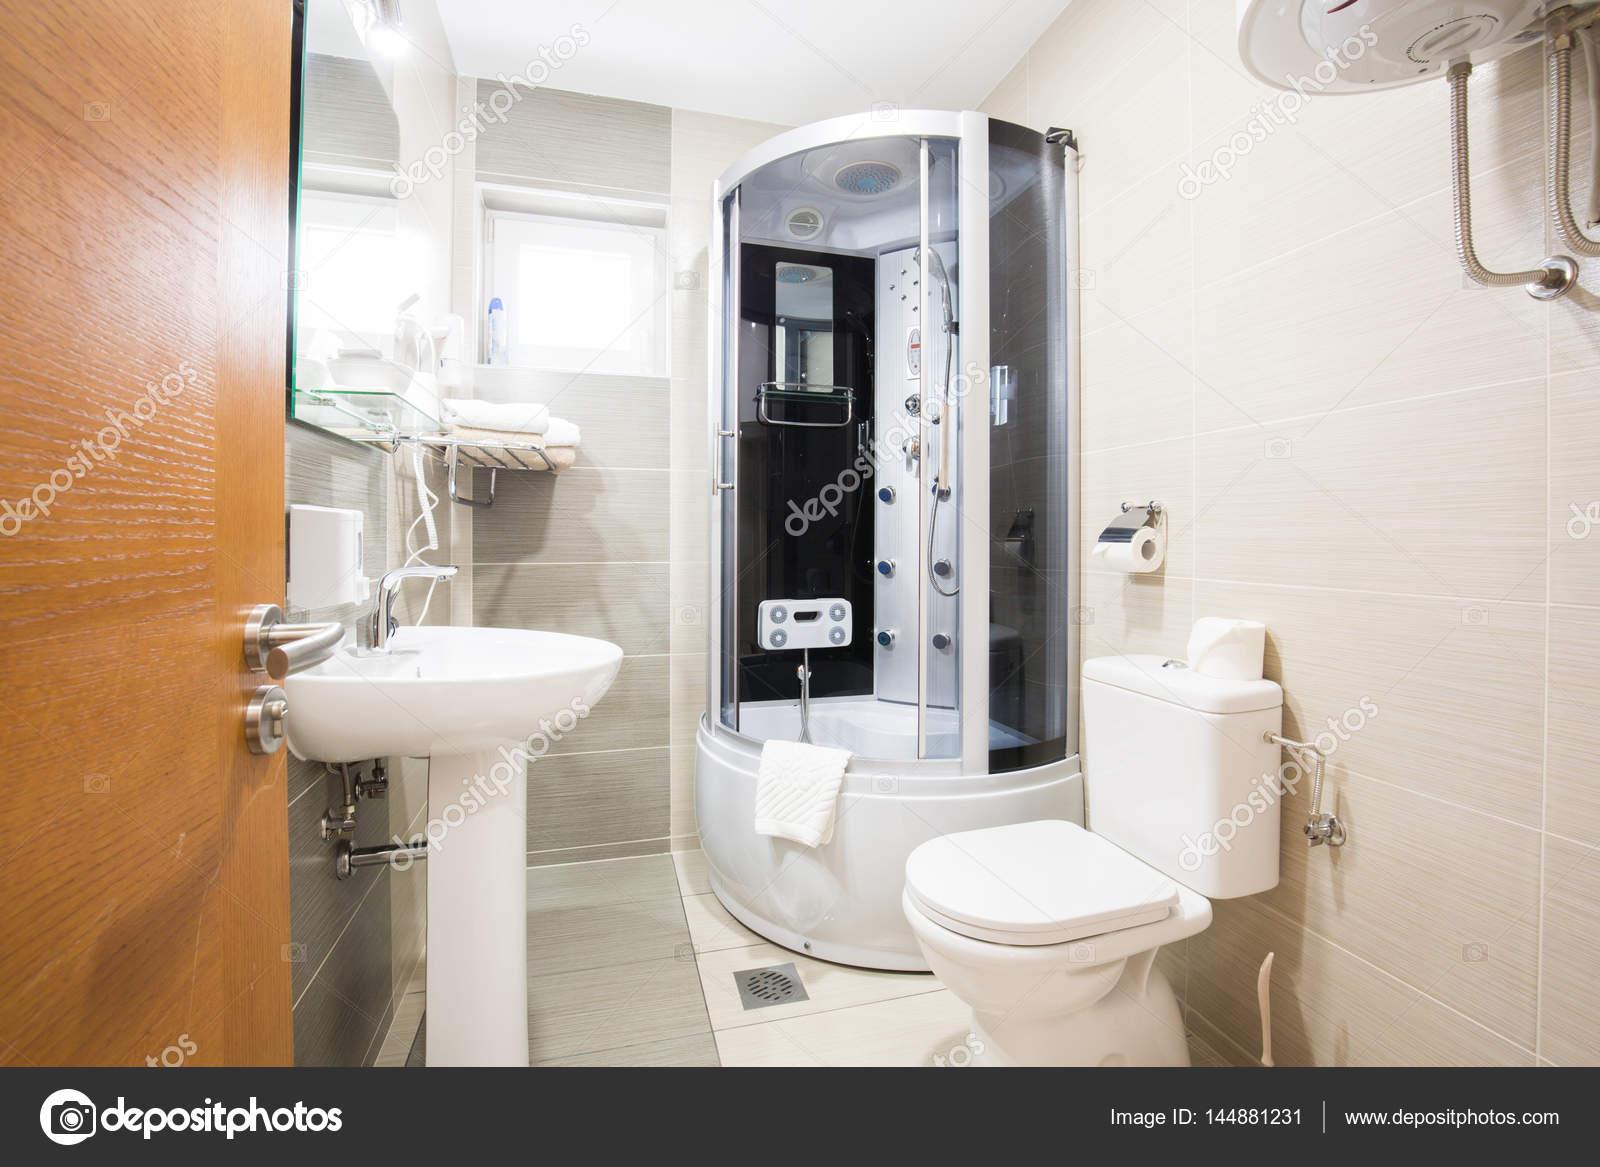 Petite salle de bain design d\'intérieur — Photographie rilueda ...